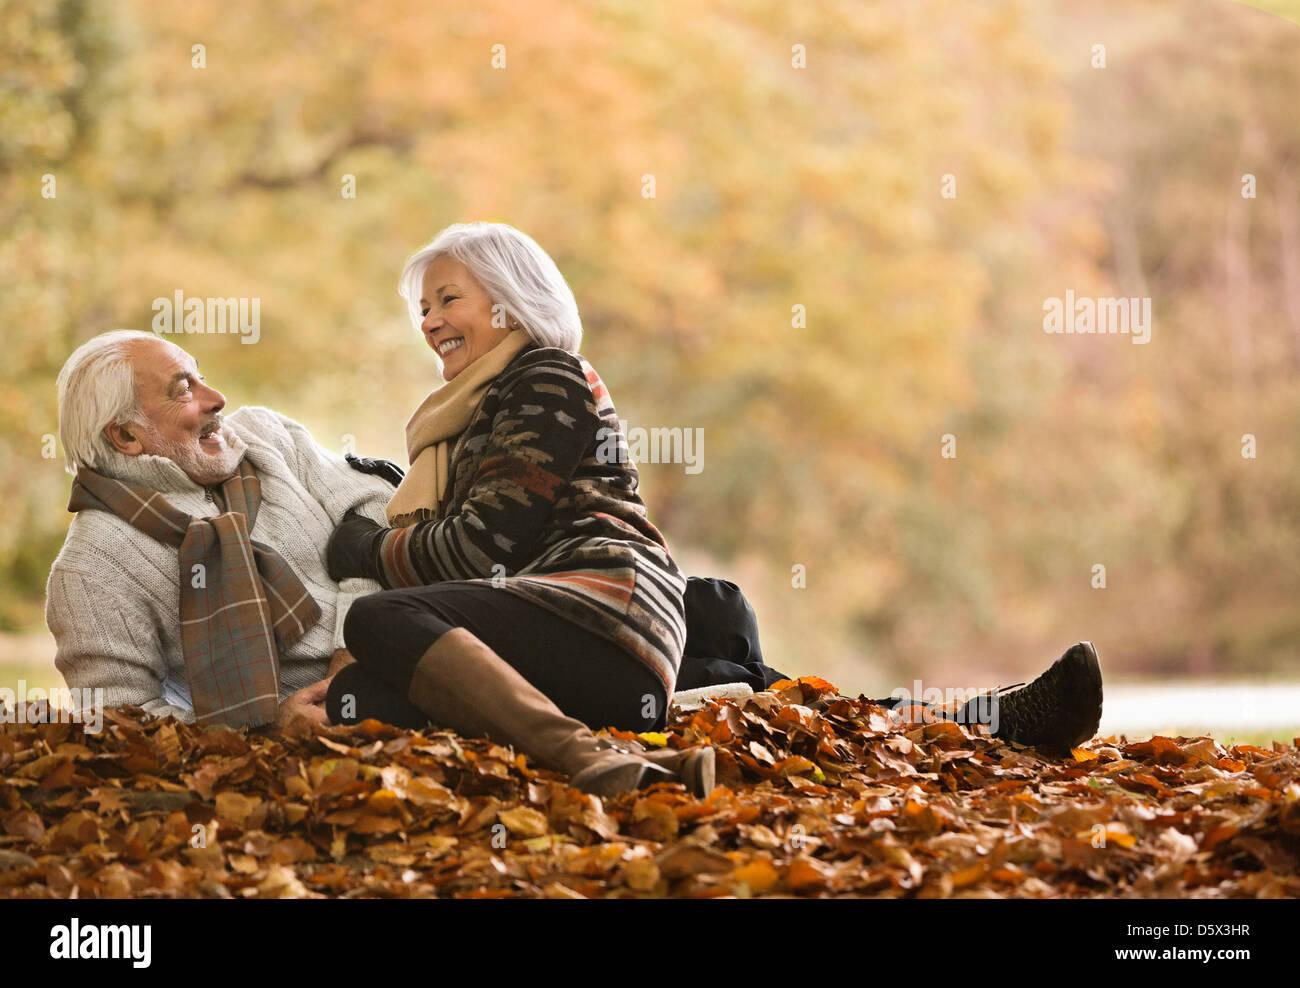 Coppia di anziani seduti in foglie di autunno Immagini Stock